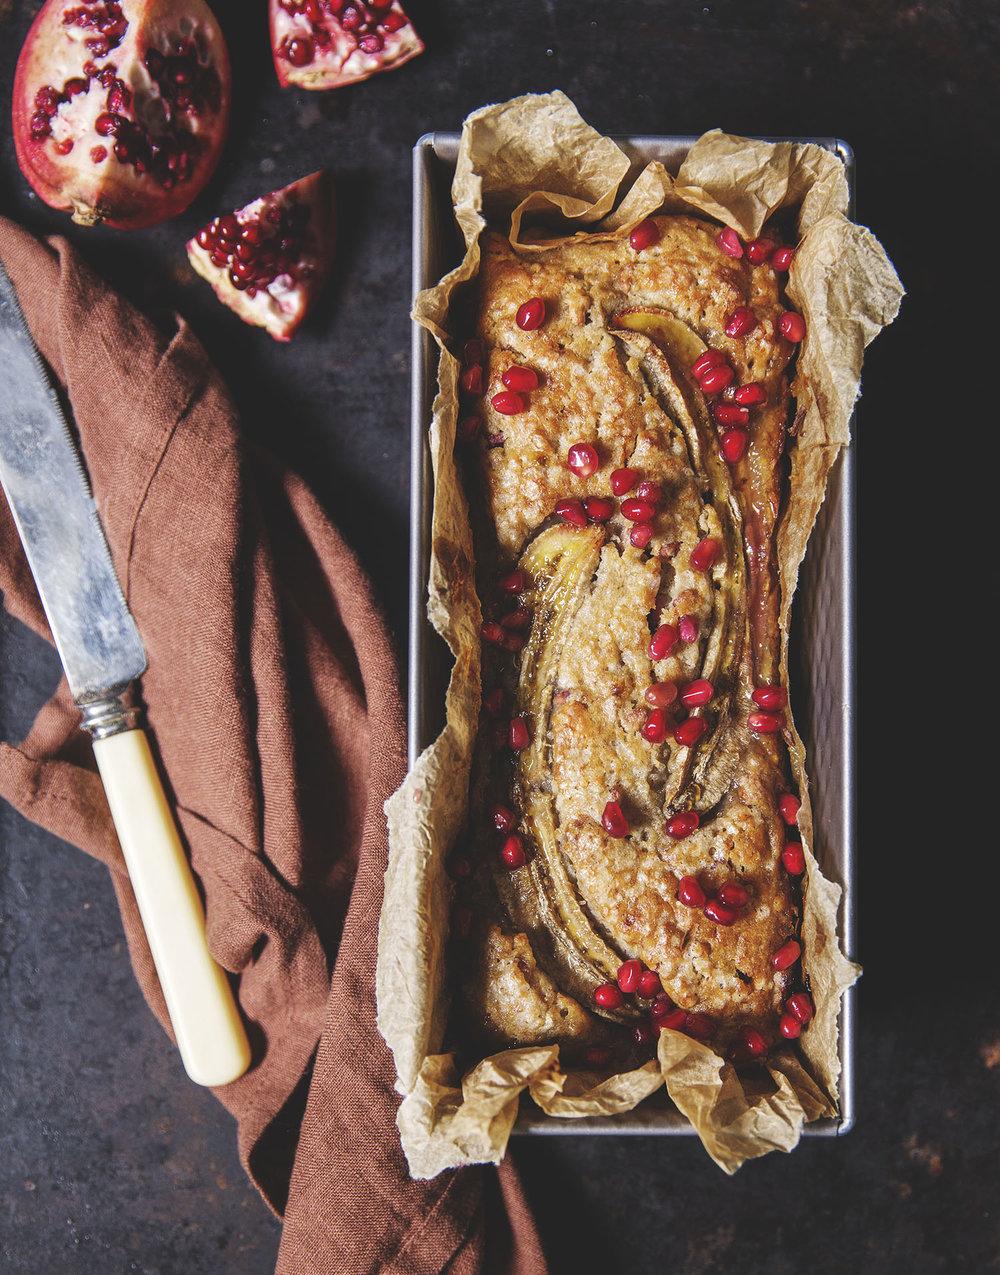 Recept & Styling för Allt om mat. Foto: Pernilla Ahlsén